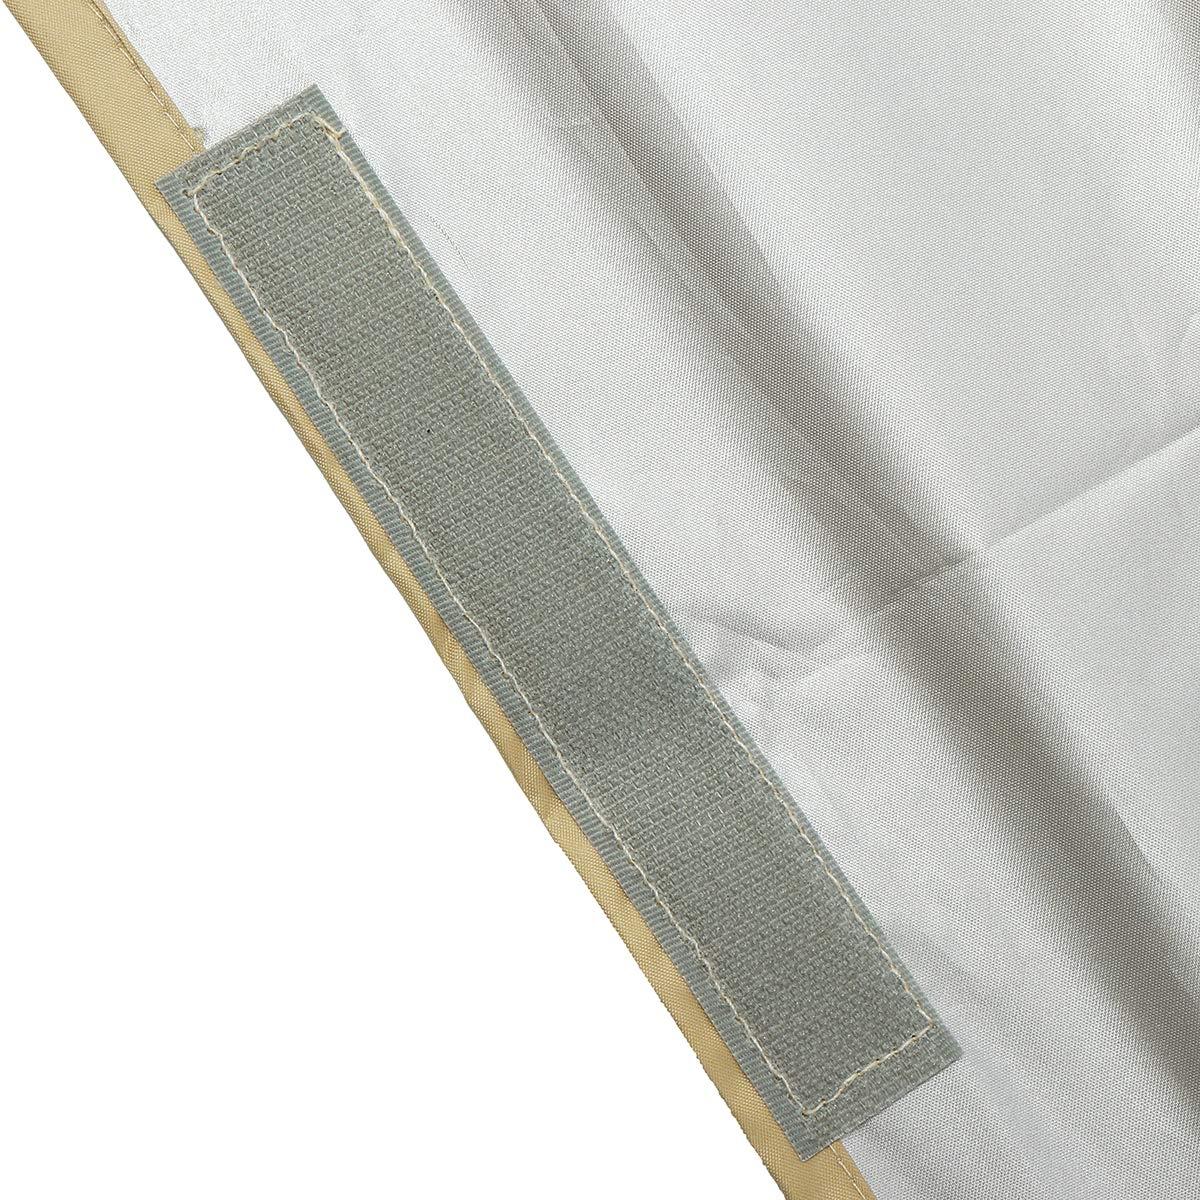 GoFoad@16Ft Piscine Couverture Solaire Rouleau Bobine Couverture Etanche Sac De Stockage Protecteur De La Poussiere Exterieure